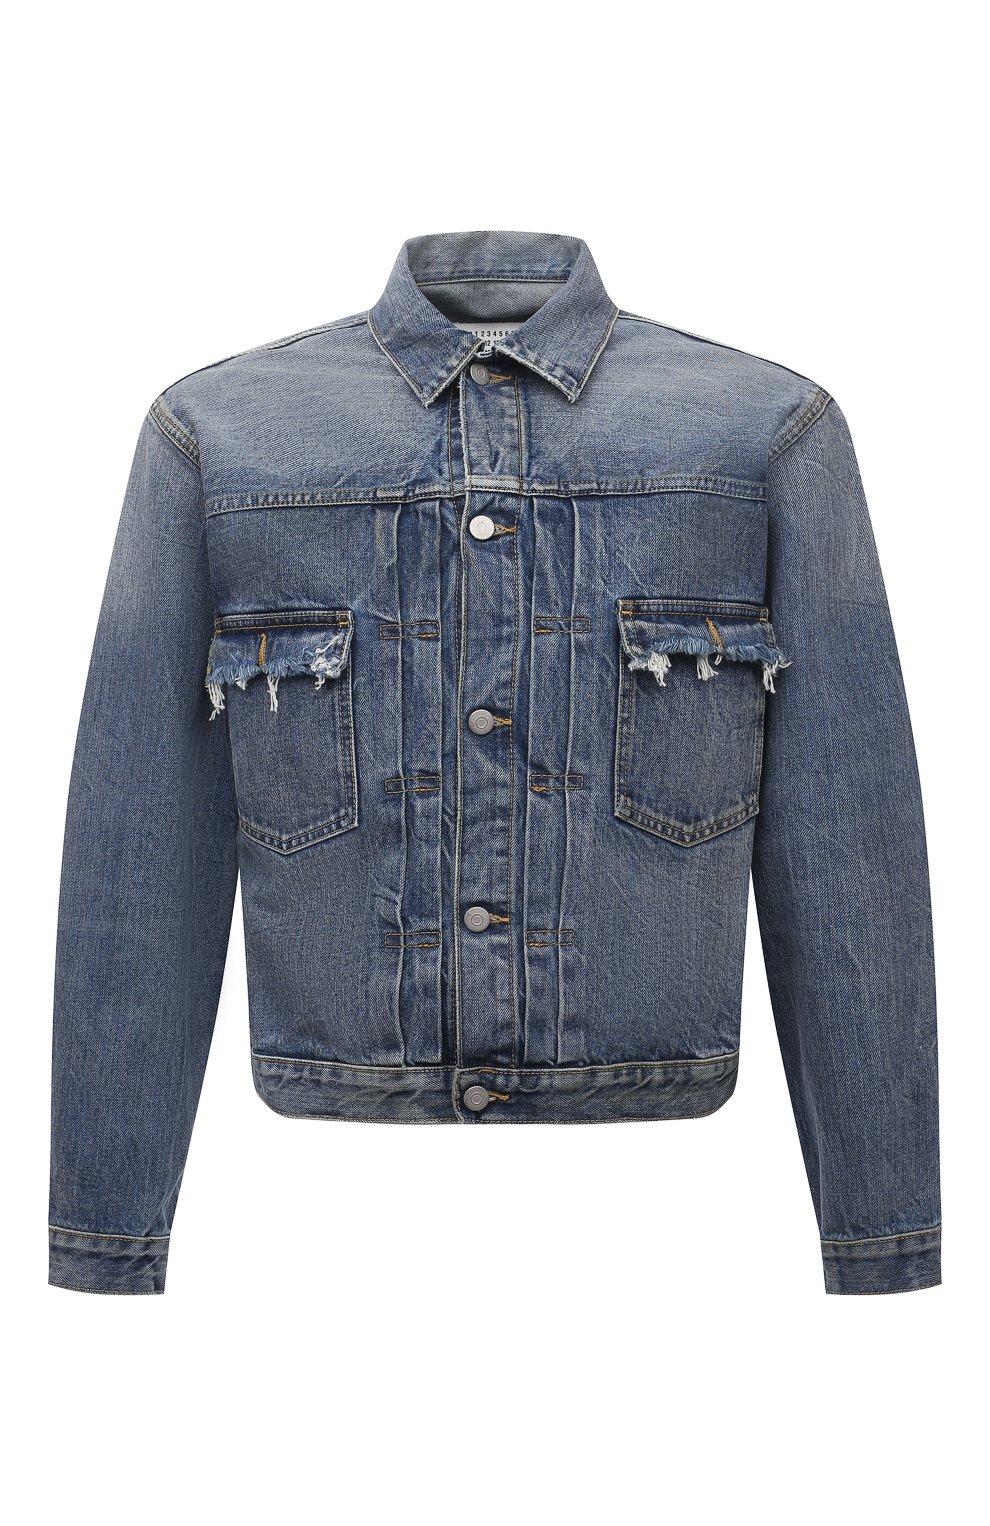 Мужская джинсовая куртка MAISON MARGIELA синего цвета, арт. S50AM0501/S30736   Фото 1 (Кросс-КТ: Куртка, Деним; Рукава: Длинные; Стили: Гранж; Материал внешний: Хлопок; Длина (верхняя одежда): Короткие)